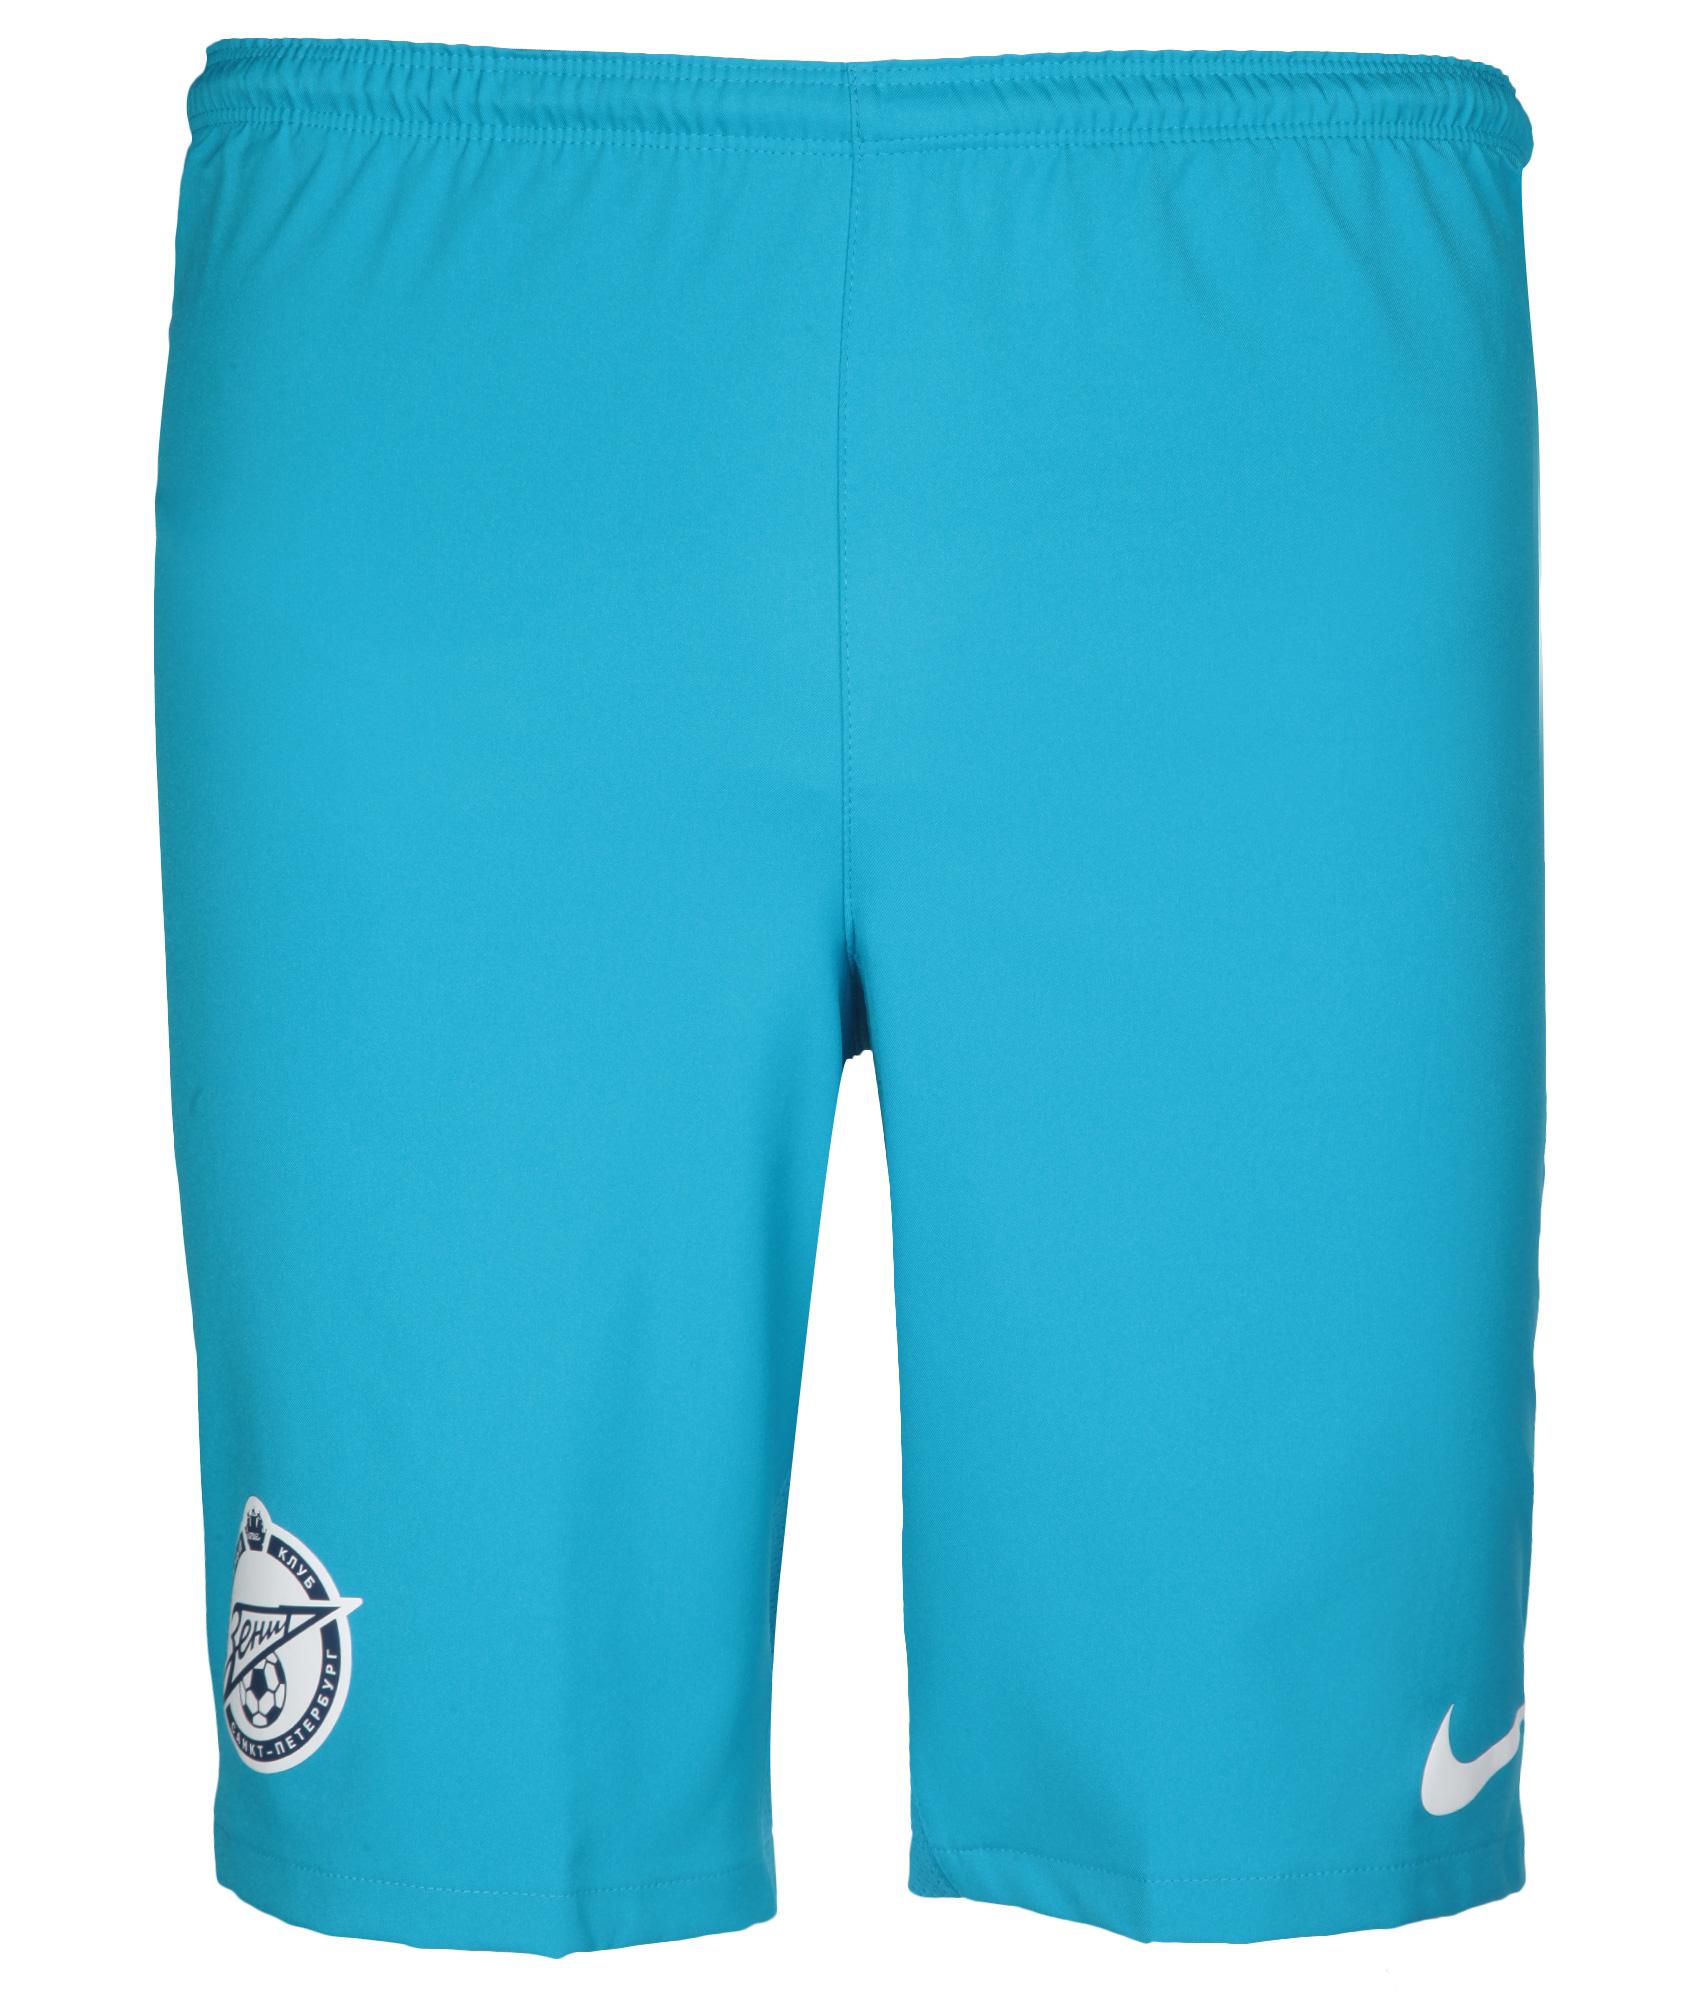 Шорты Nike домашние оригинальные 2012 Зенит Цвет-Лазурный шорты детские зенит цвет синий